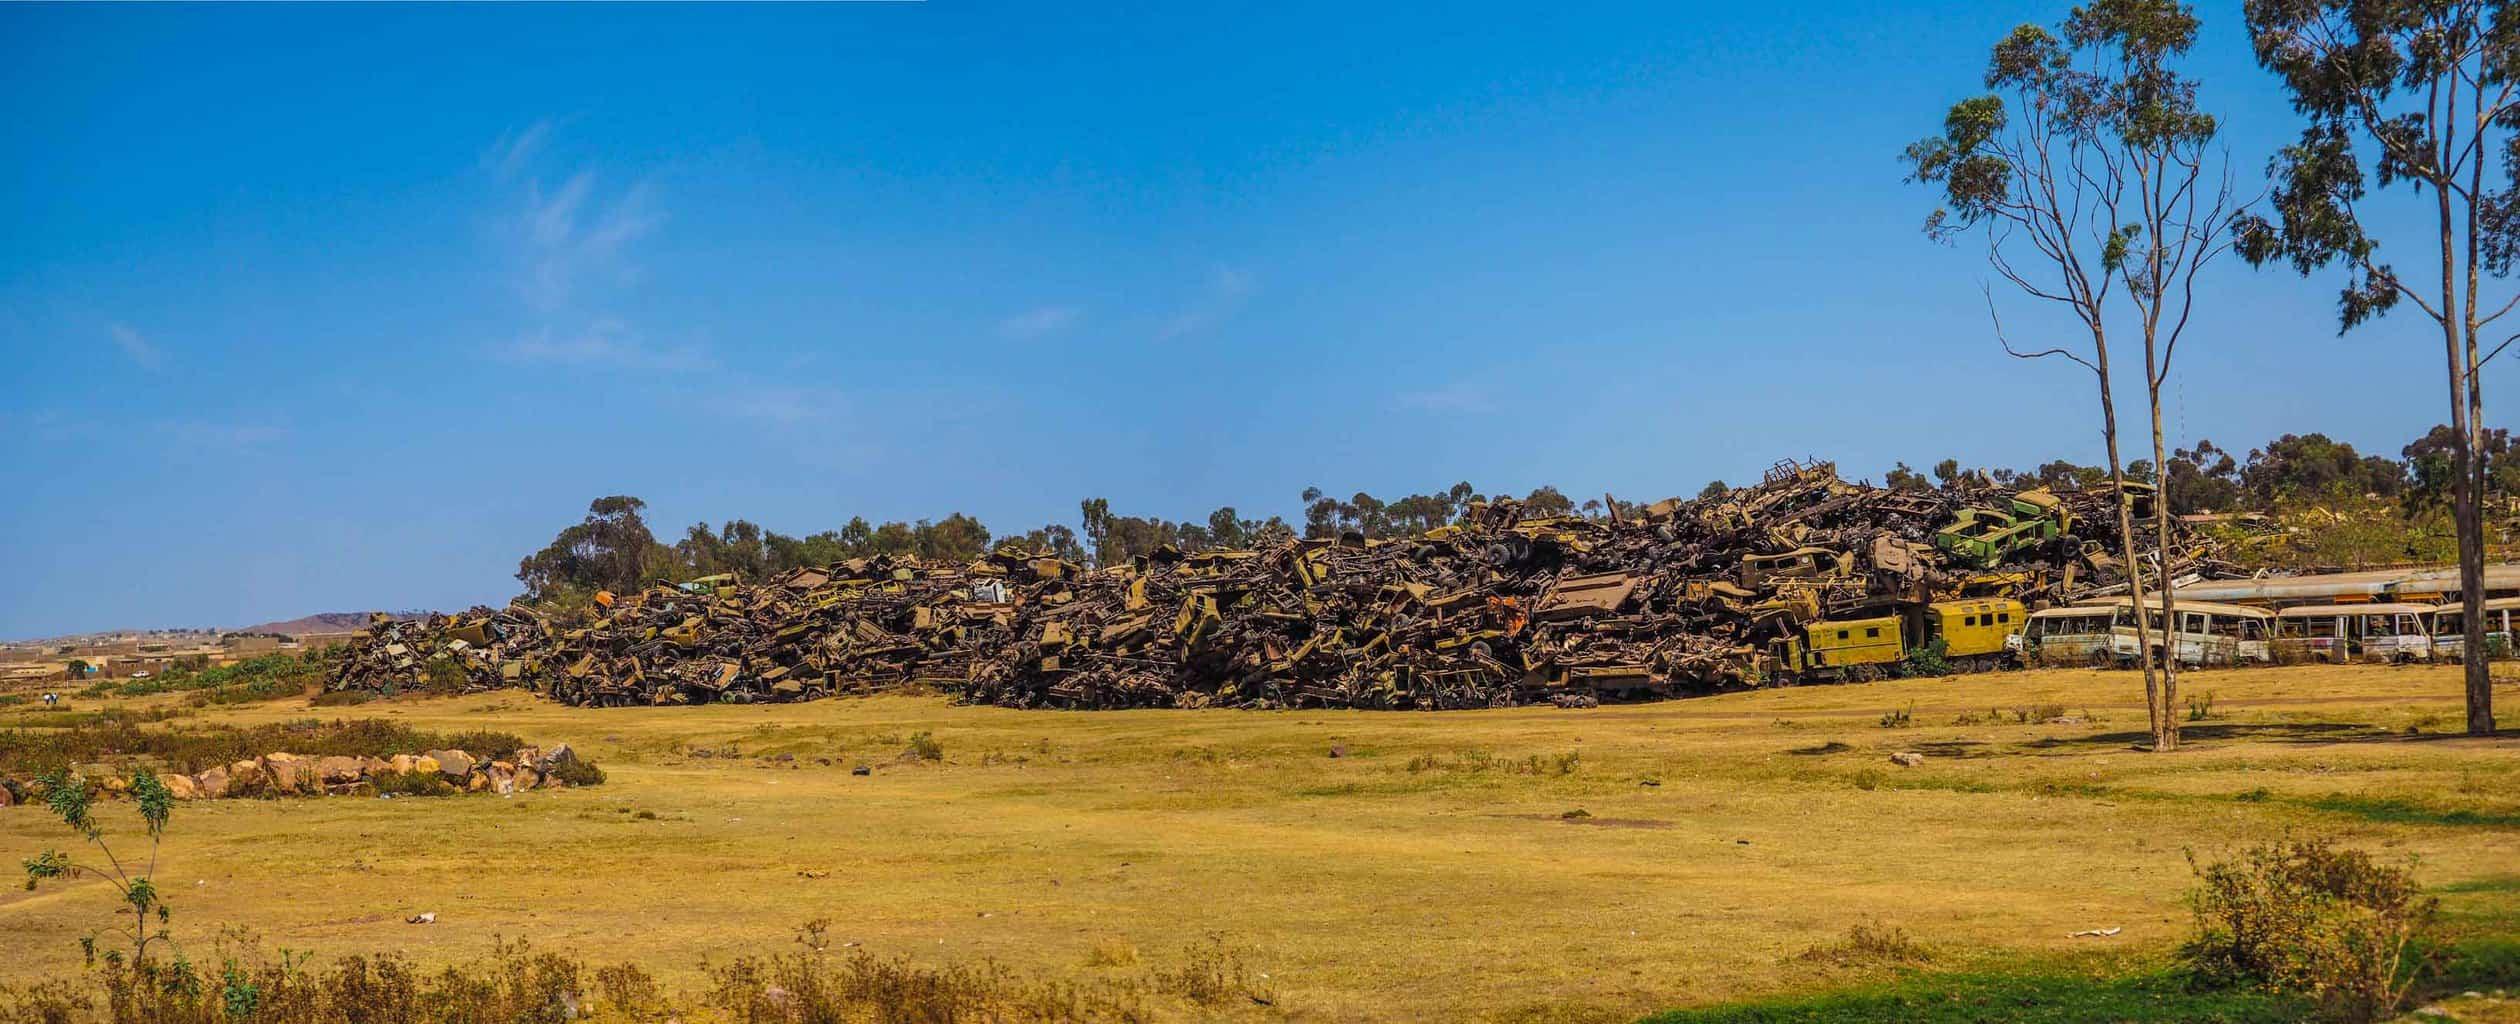 Asmara Military Graveyard.